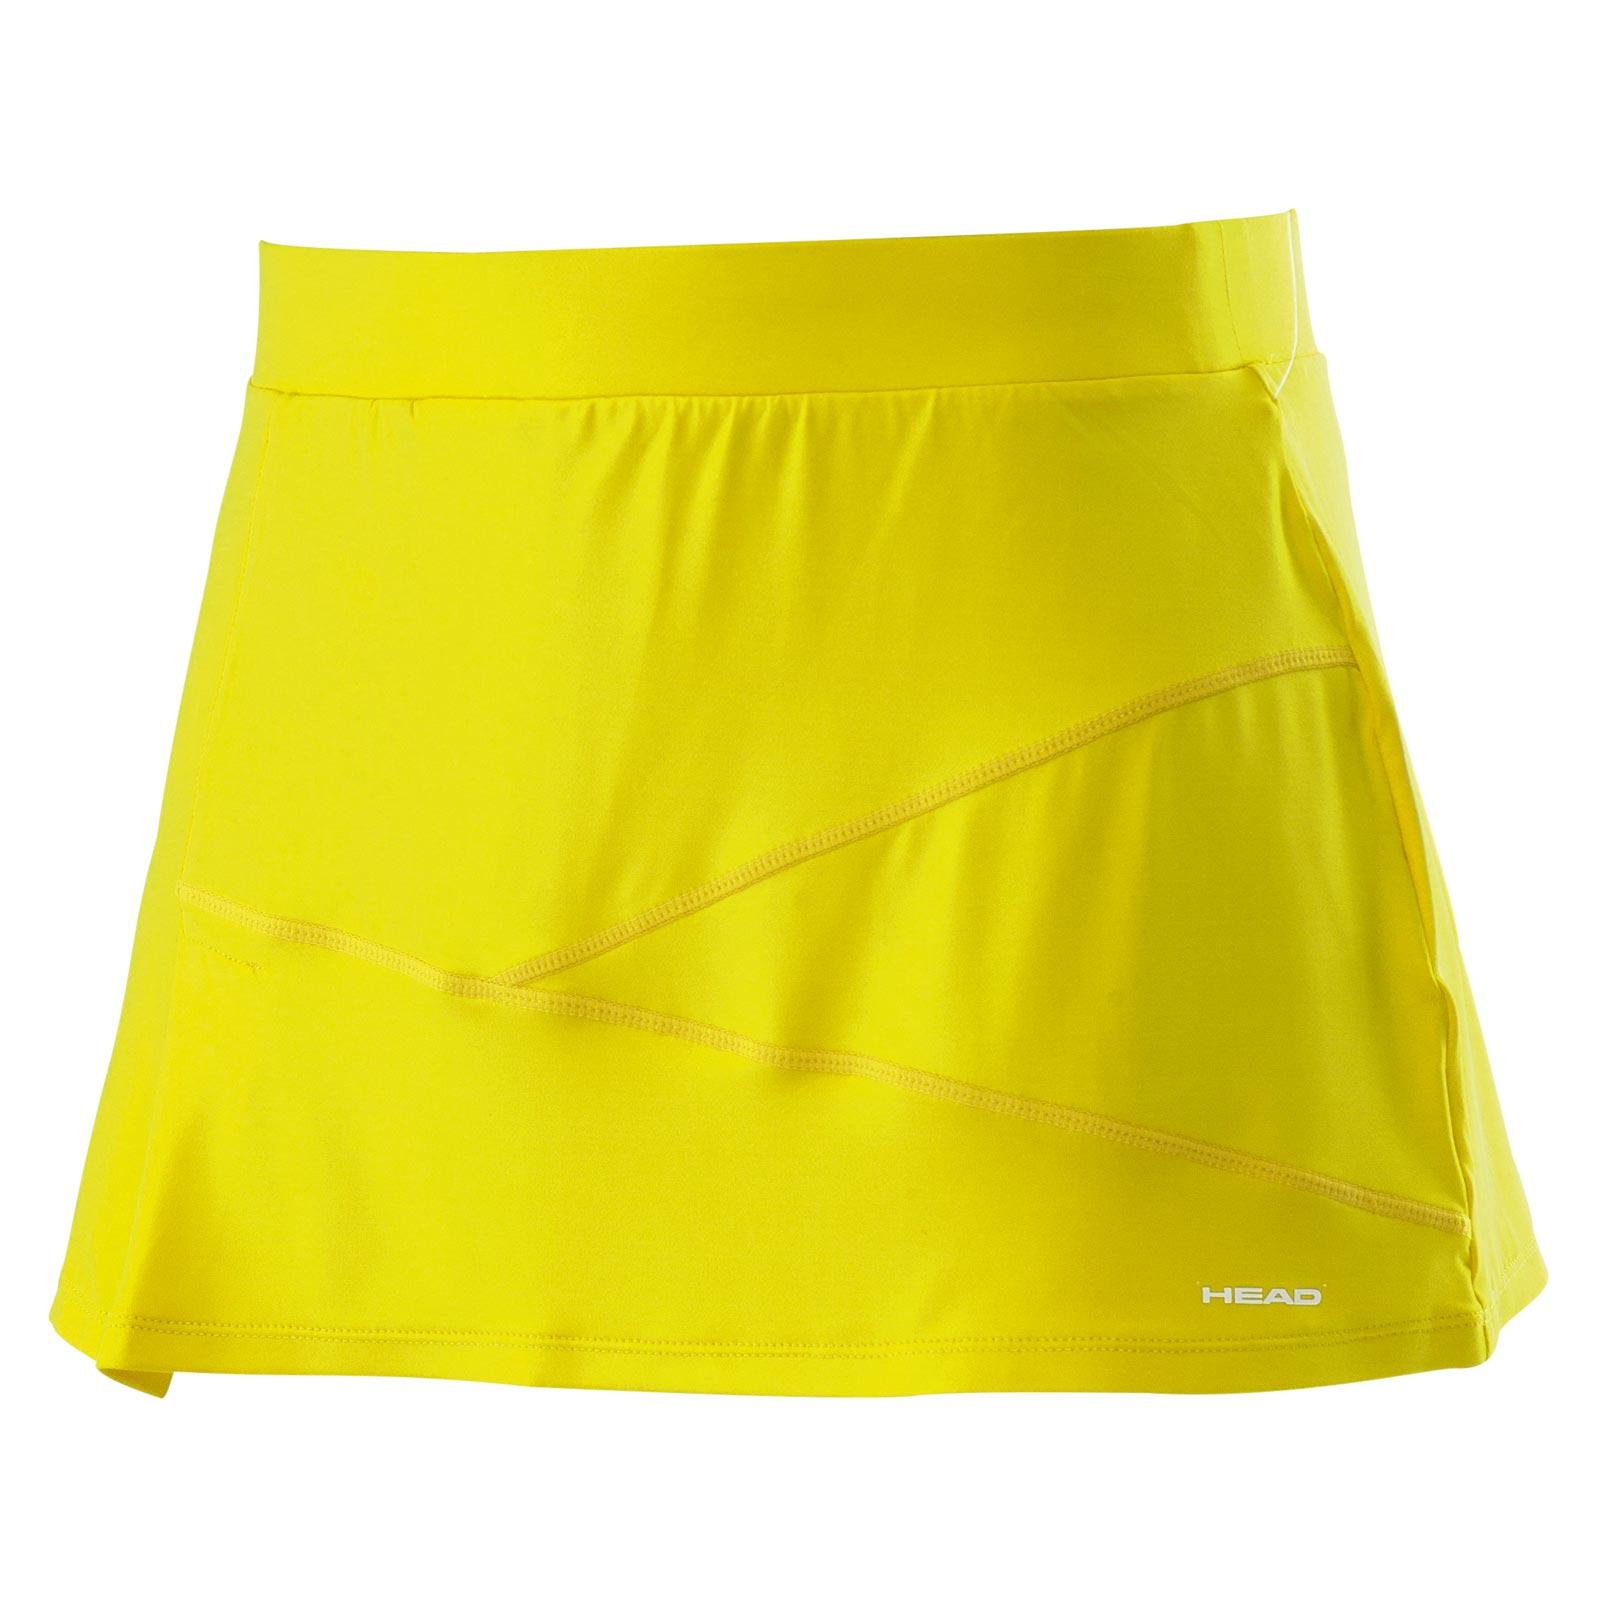 HEAD ADA Skort Yellow L